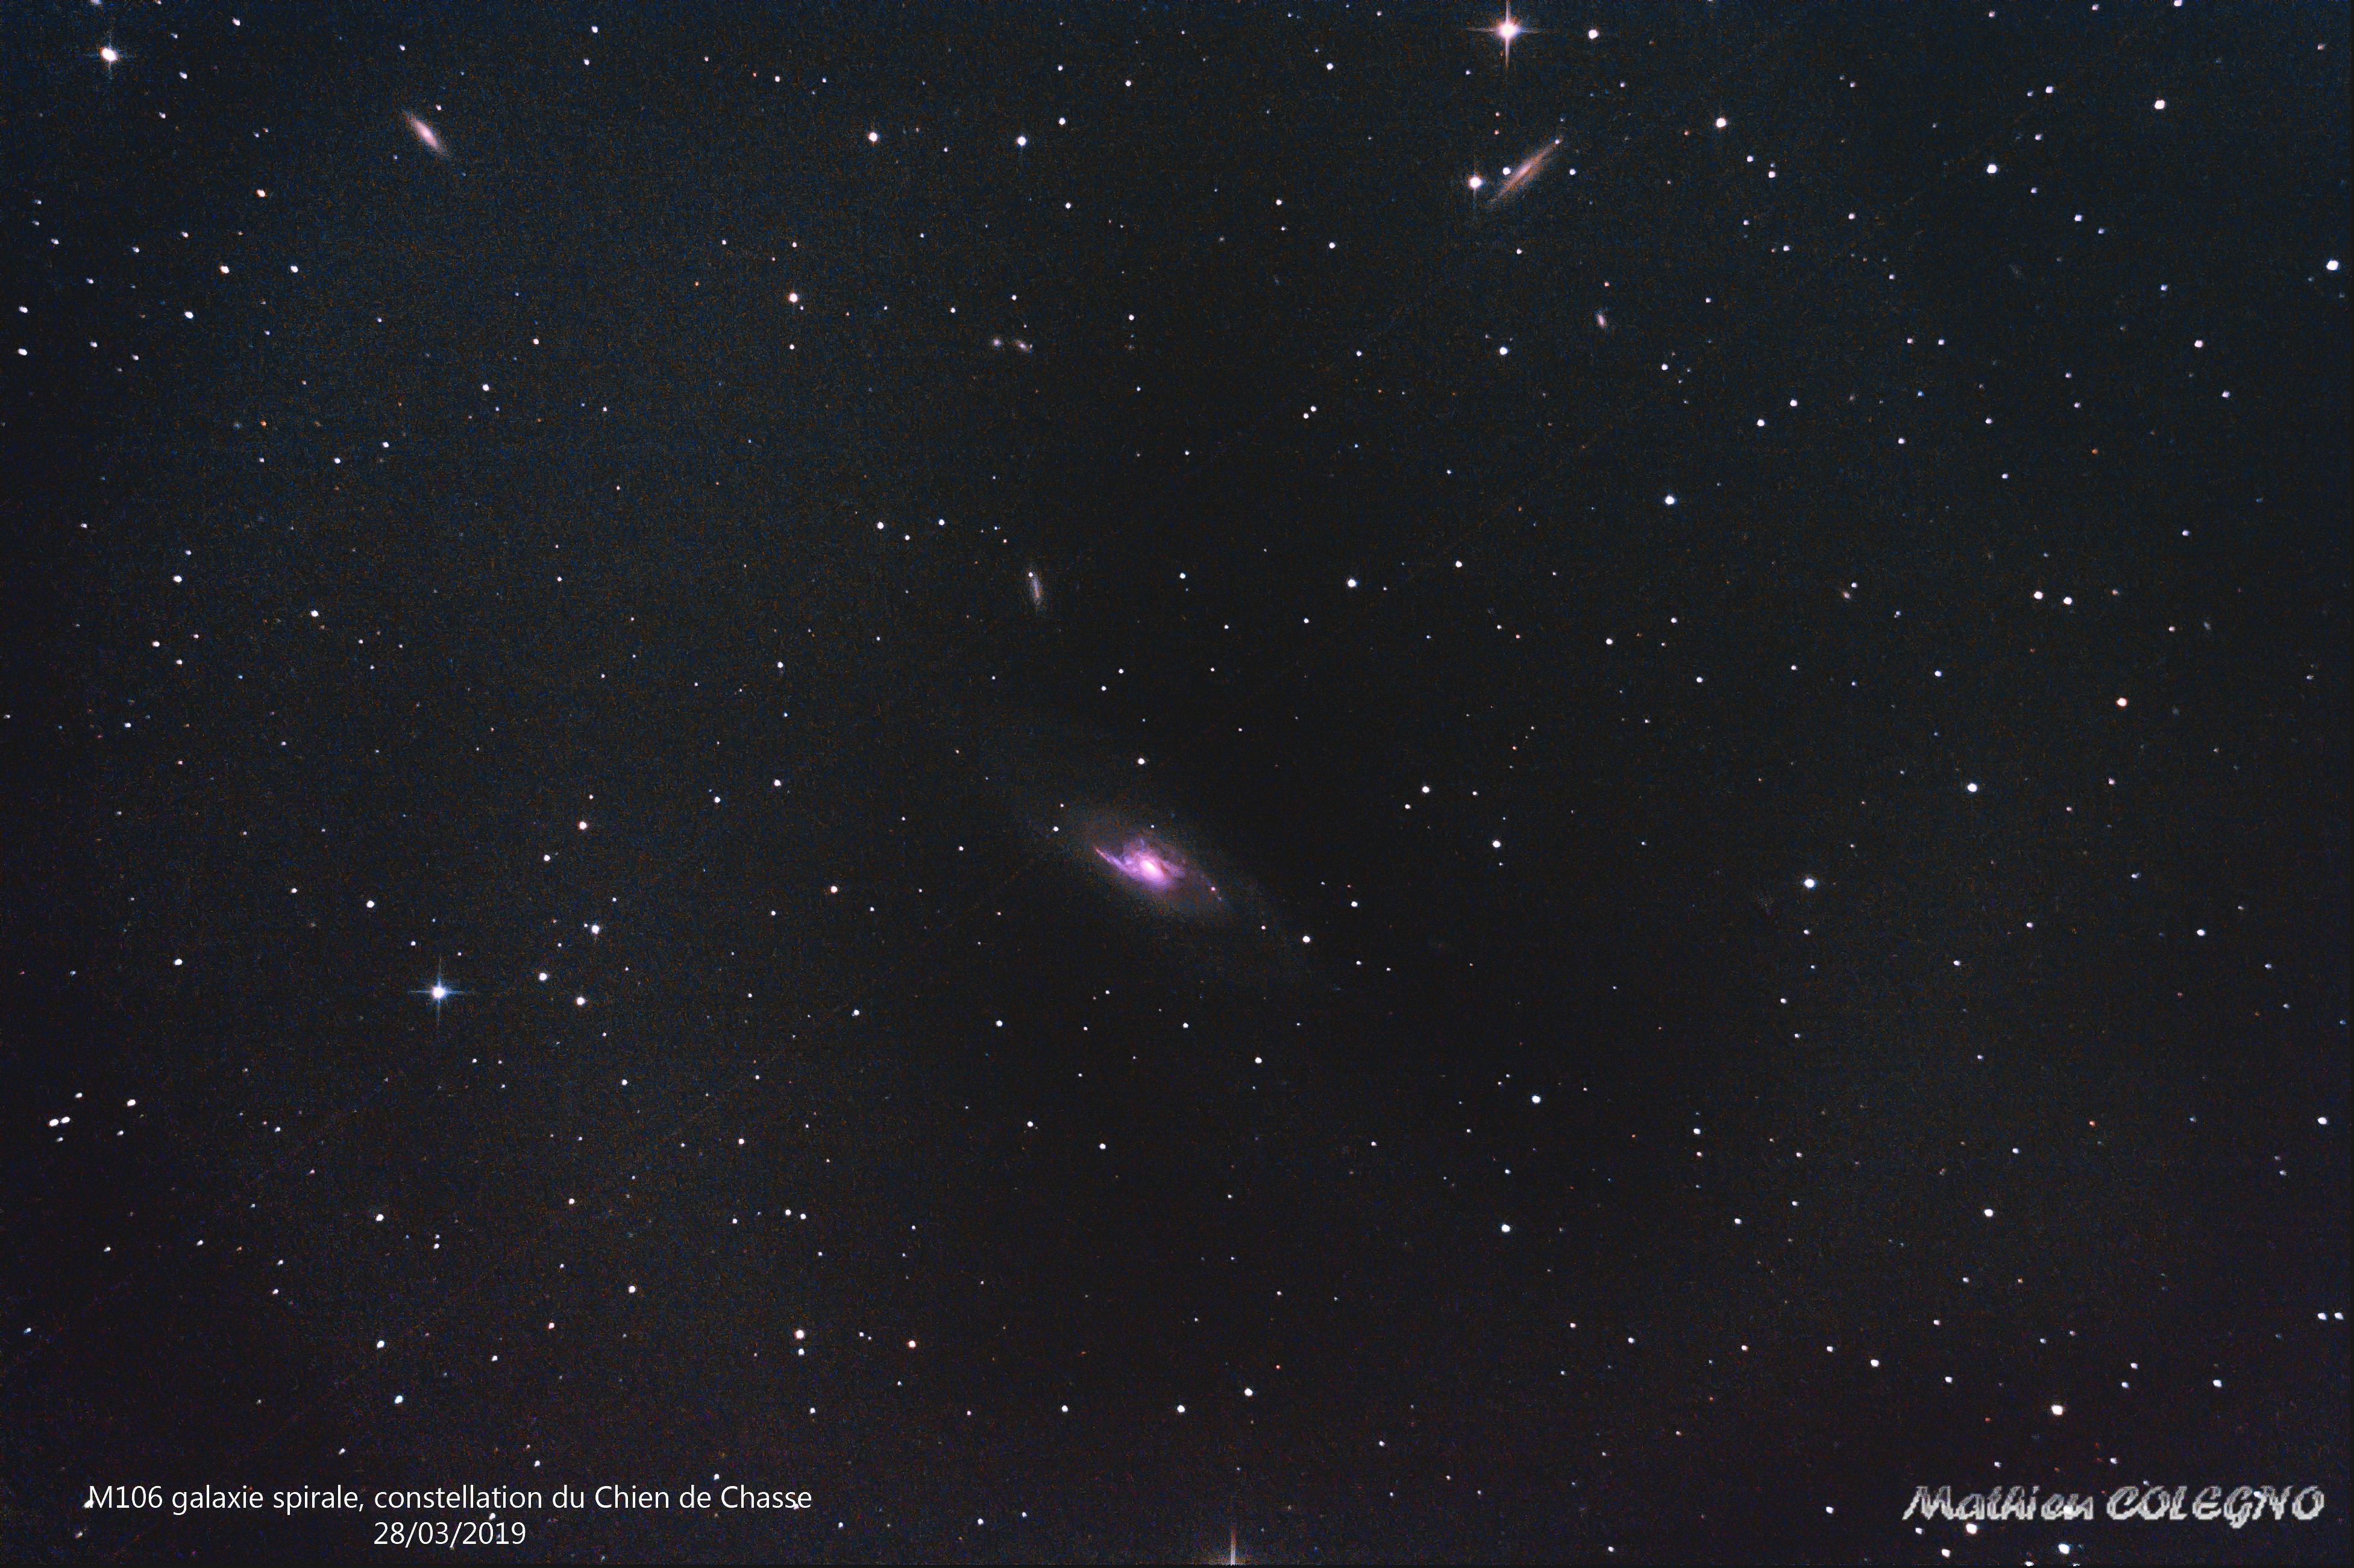 M106 - Galaxie spirale